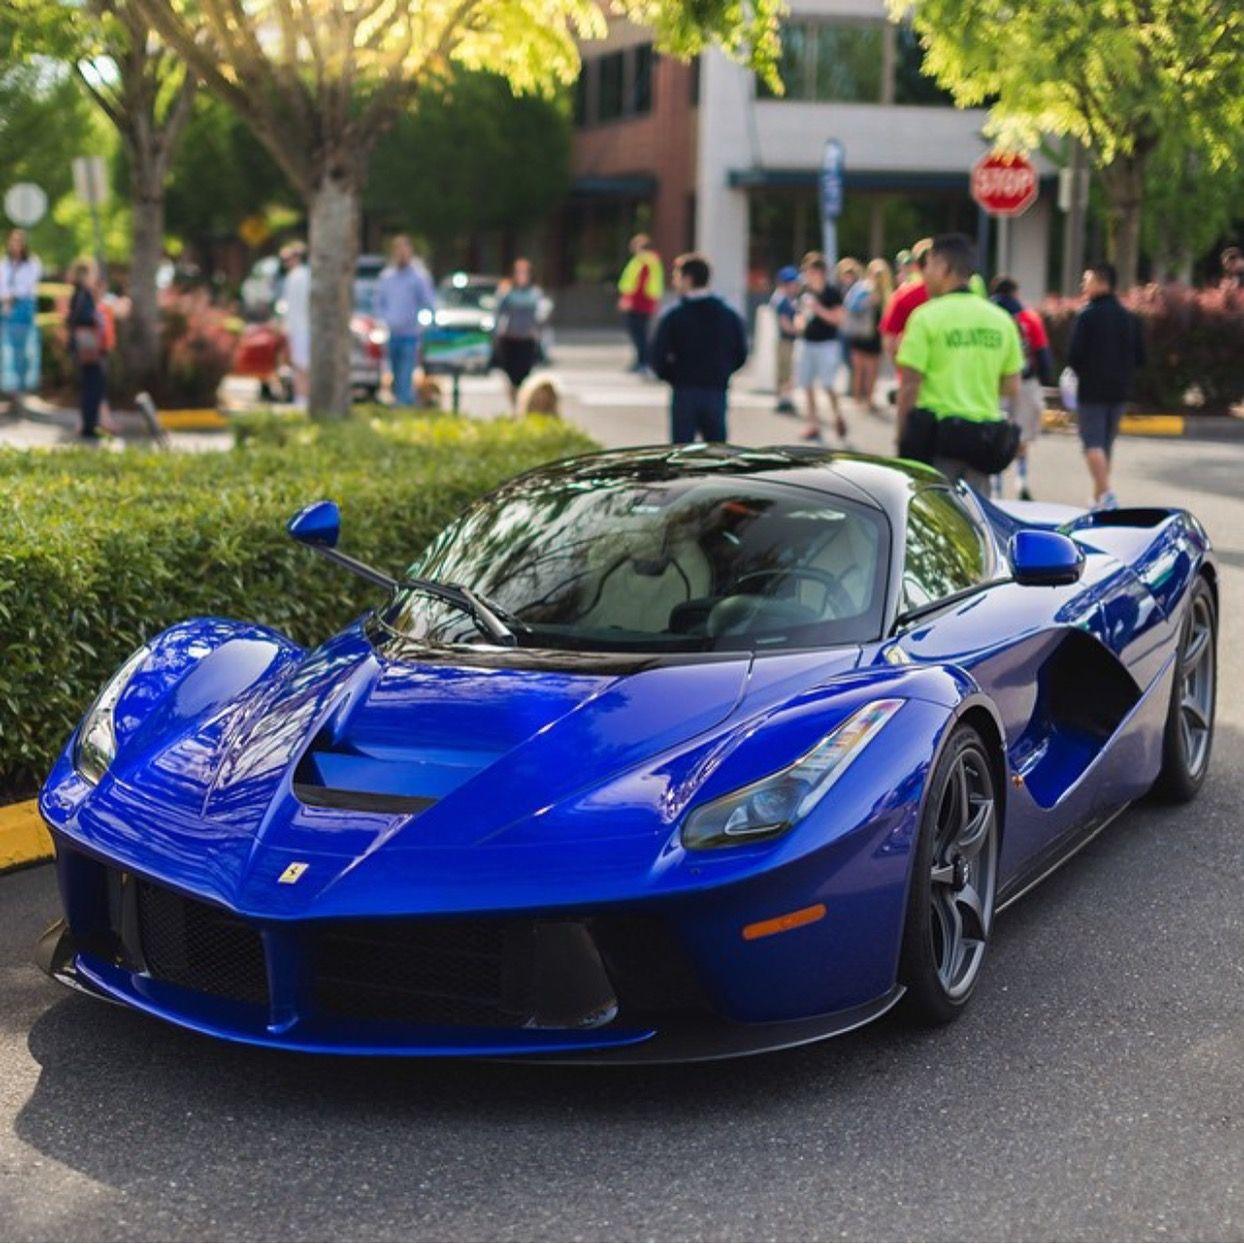 Ferrari Laferrari Painted In Blu Elettrico Photo Taken By Braydenjoelphoto On Instagram